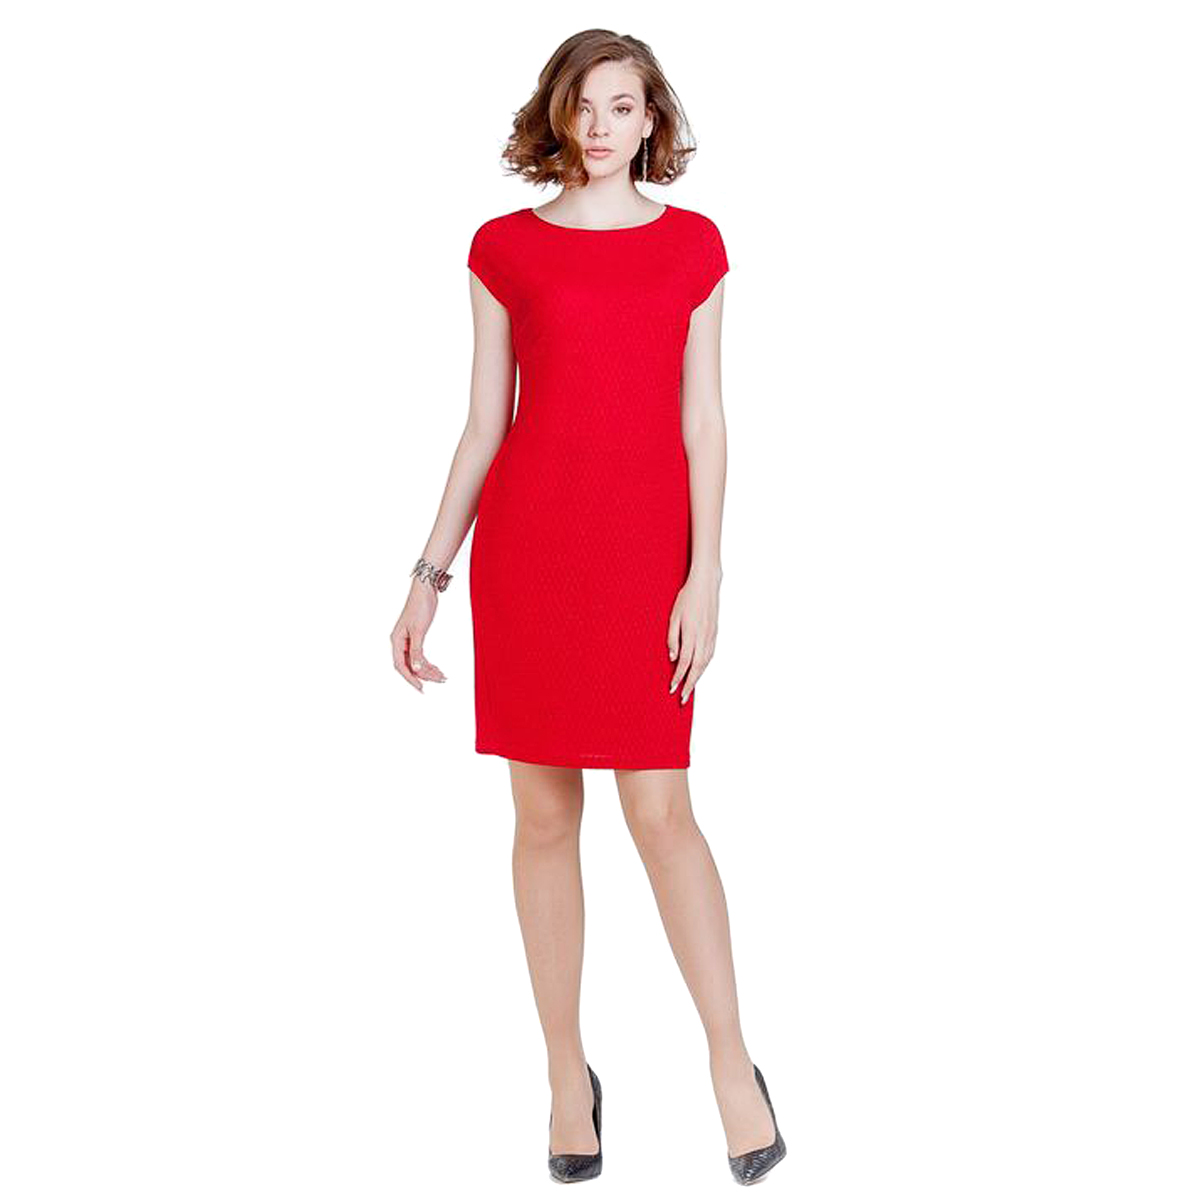 Платье KISLIS, 7530а УС kislis женский пике mv2207 01